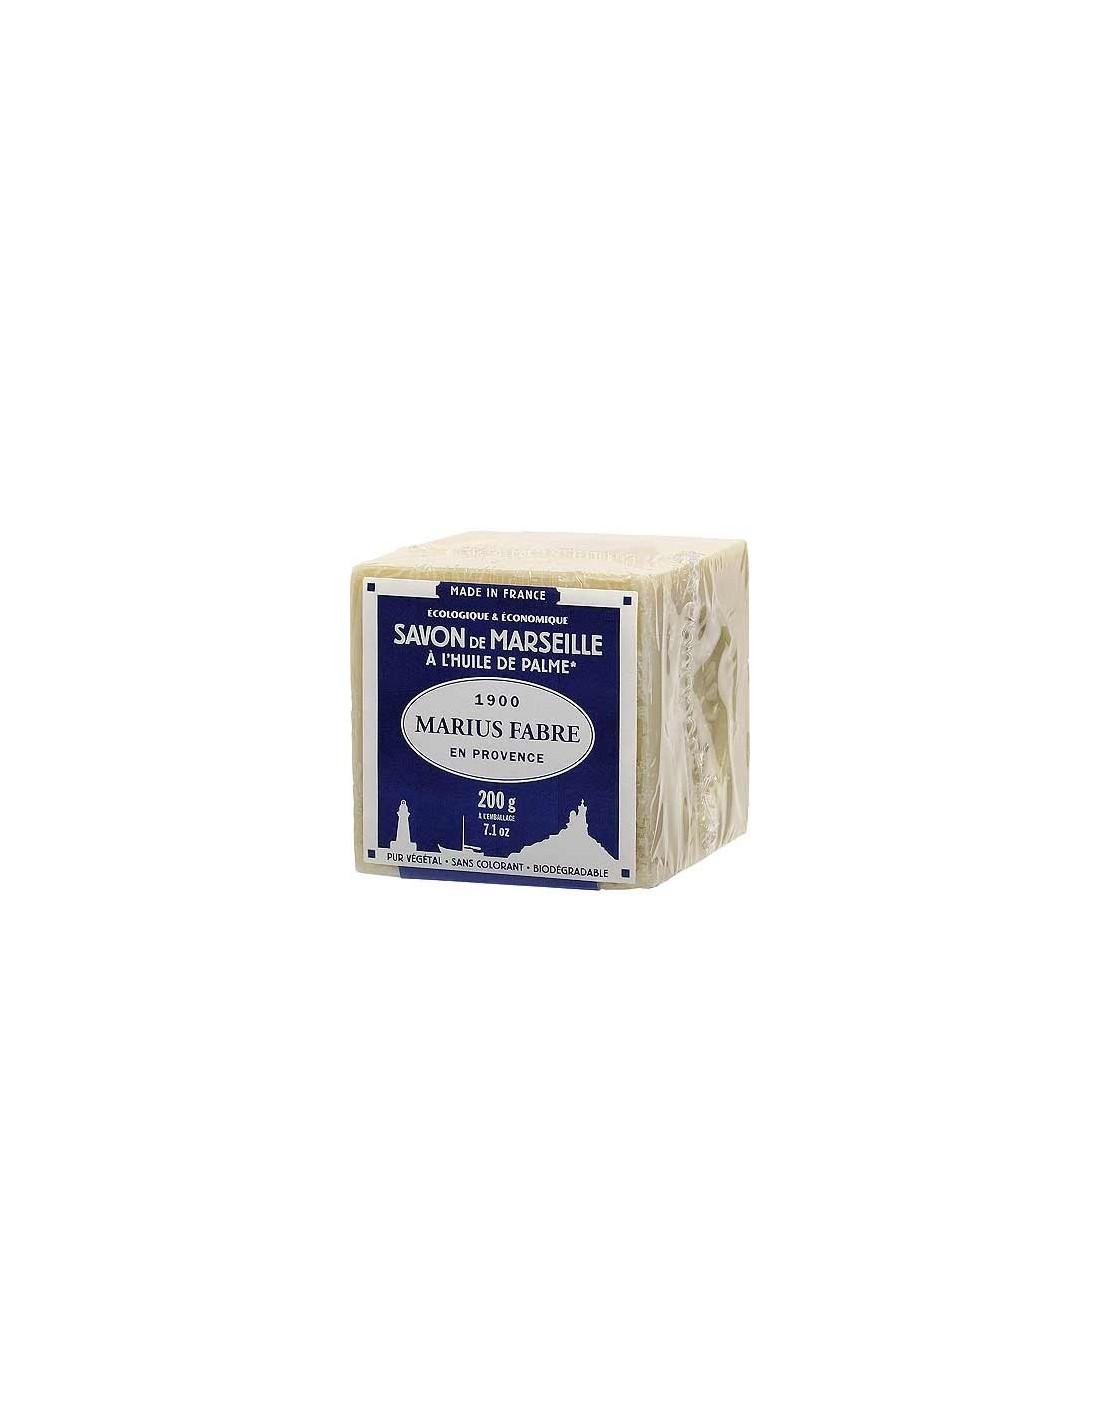 cube of savon de marseille lavoir marius fabre 200 g 400 g 600 g palm oil. Black Bedroom Furniture Sets. Home Design Ideas